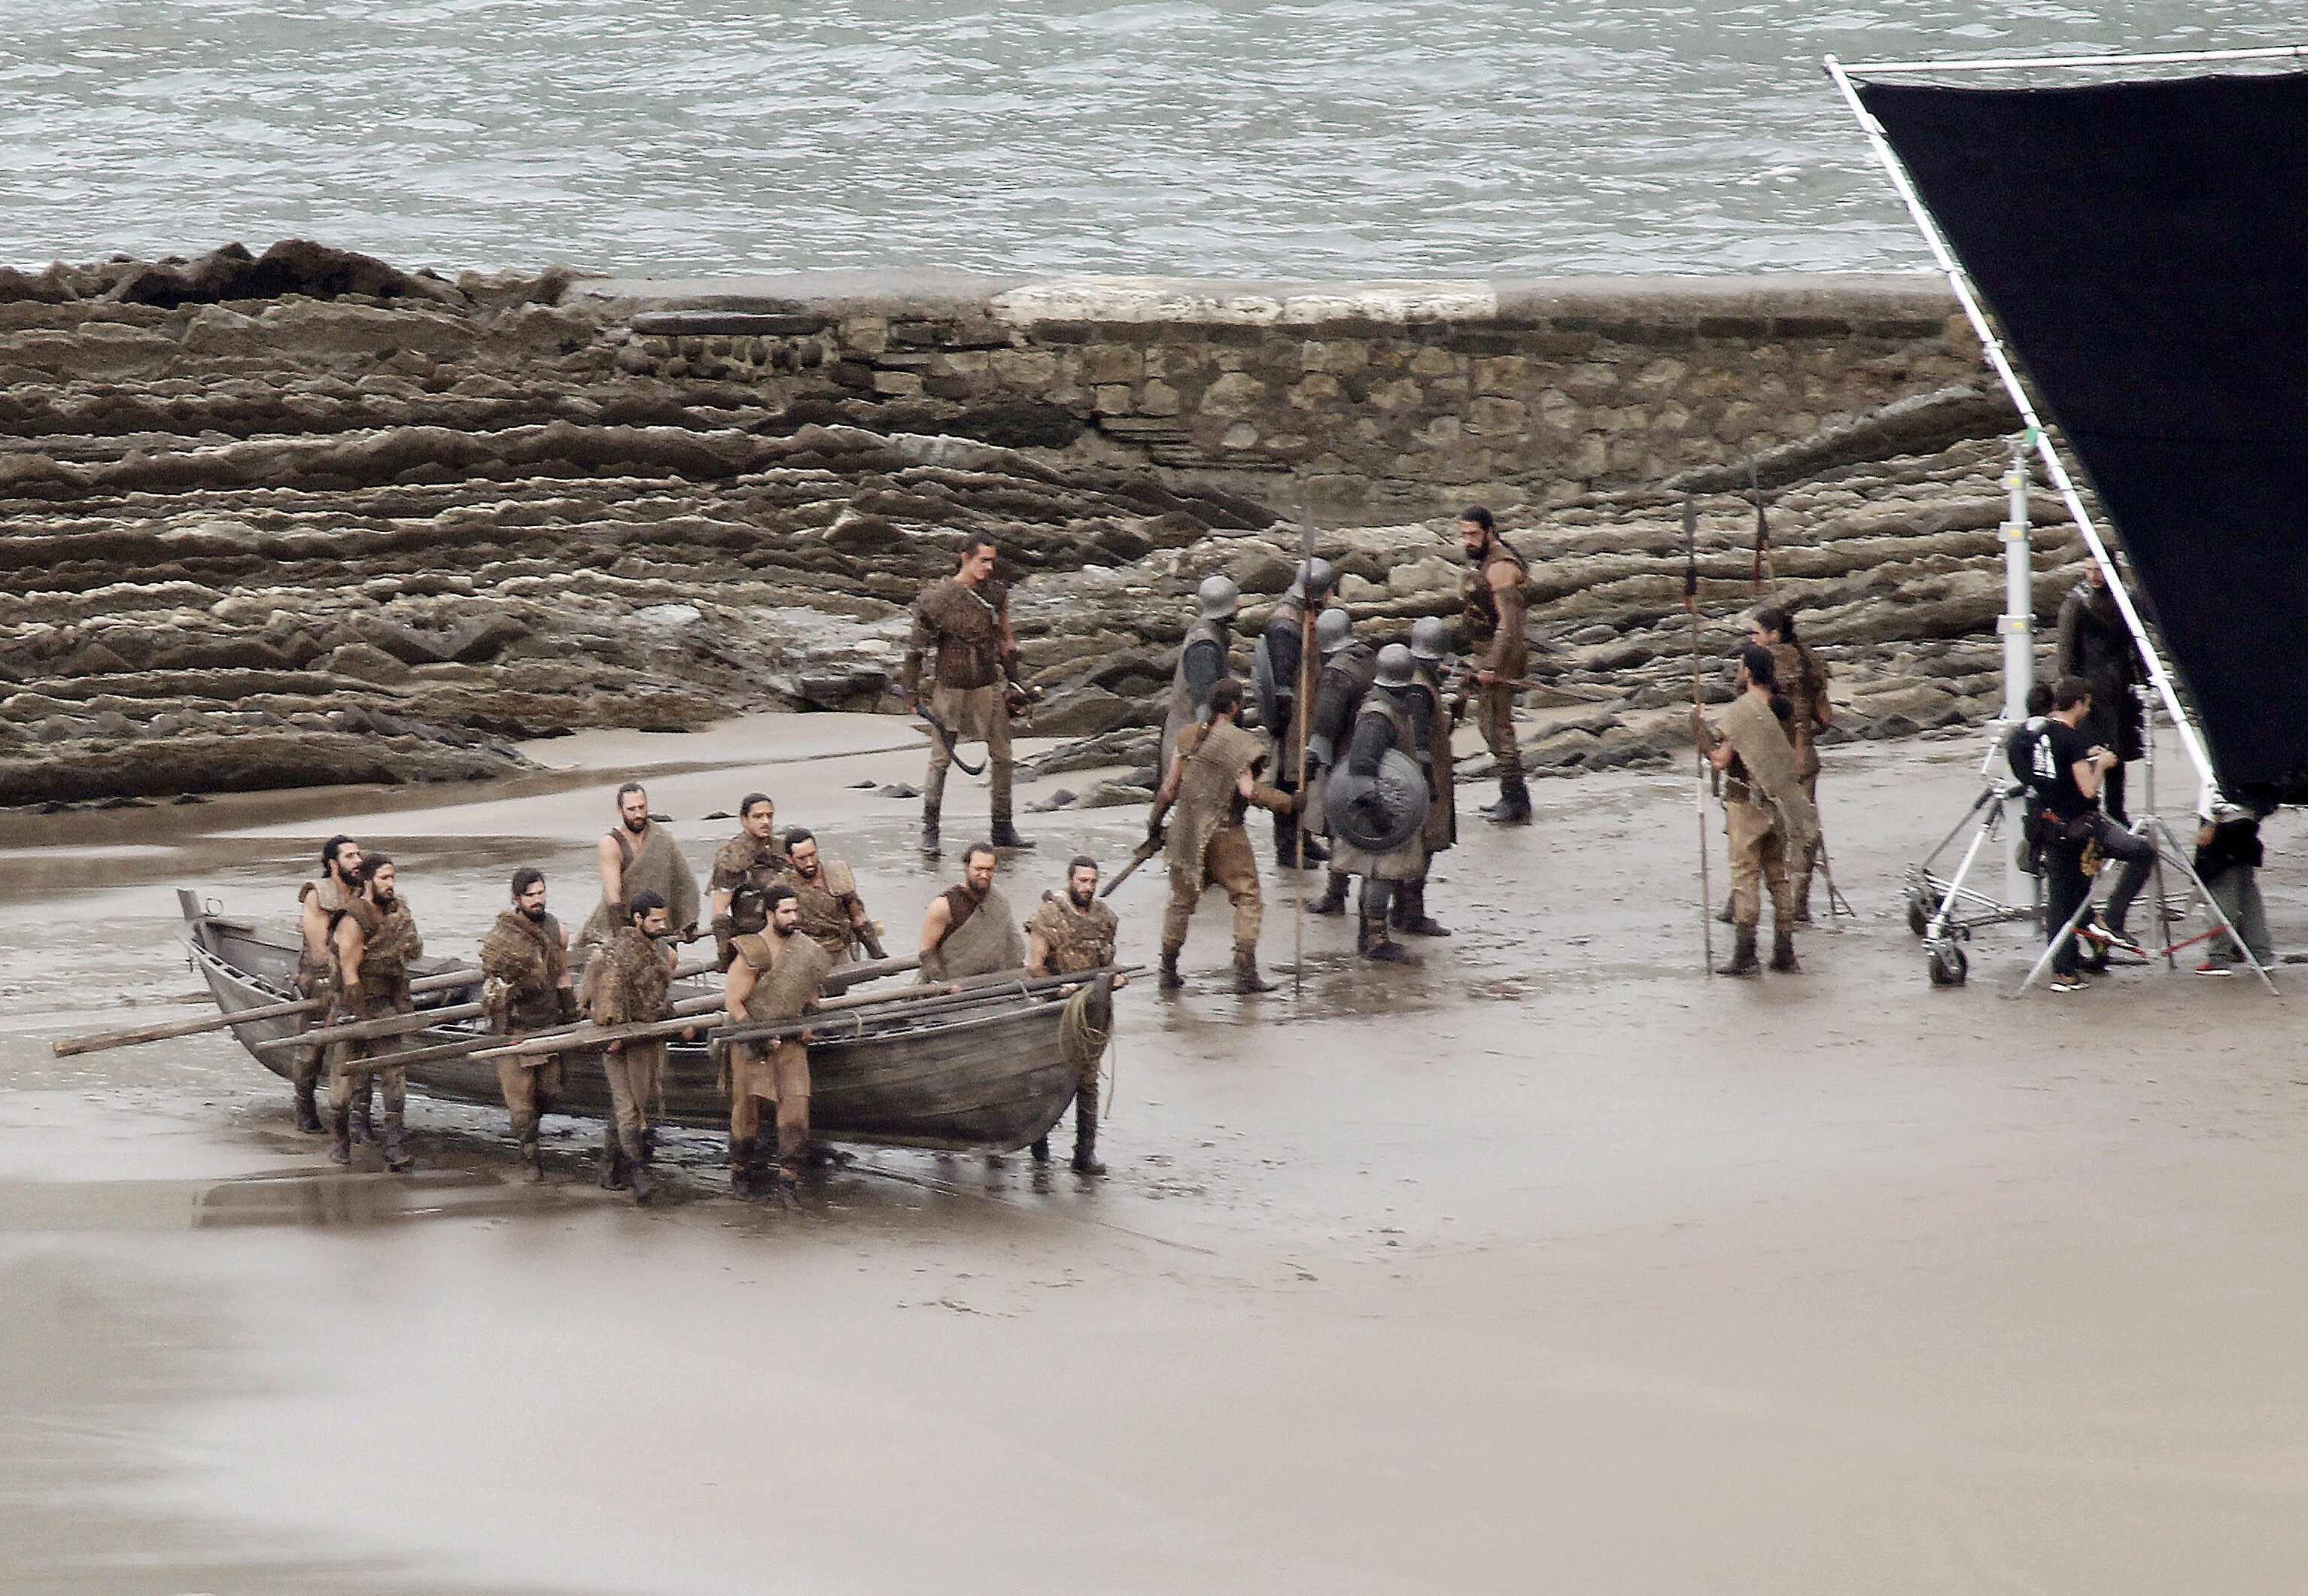 Boote werden an Land geschoben - kommt Daenerys gerade mit ihrer Armada in Westeros an